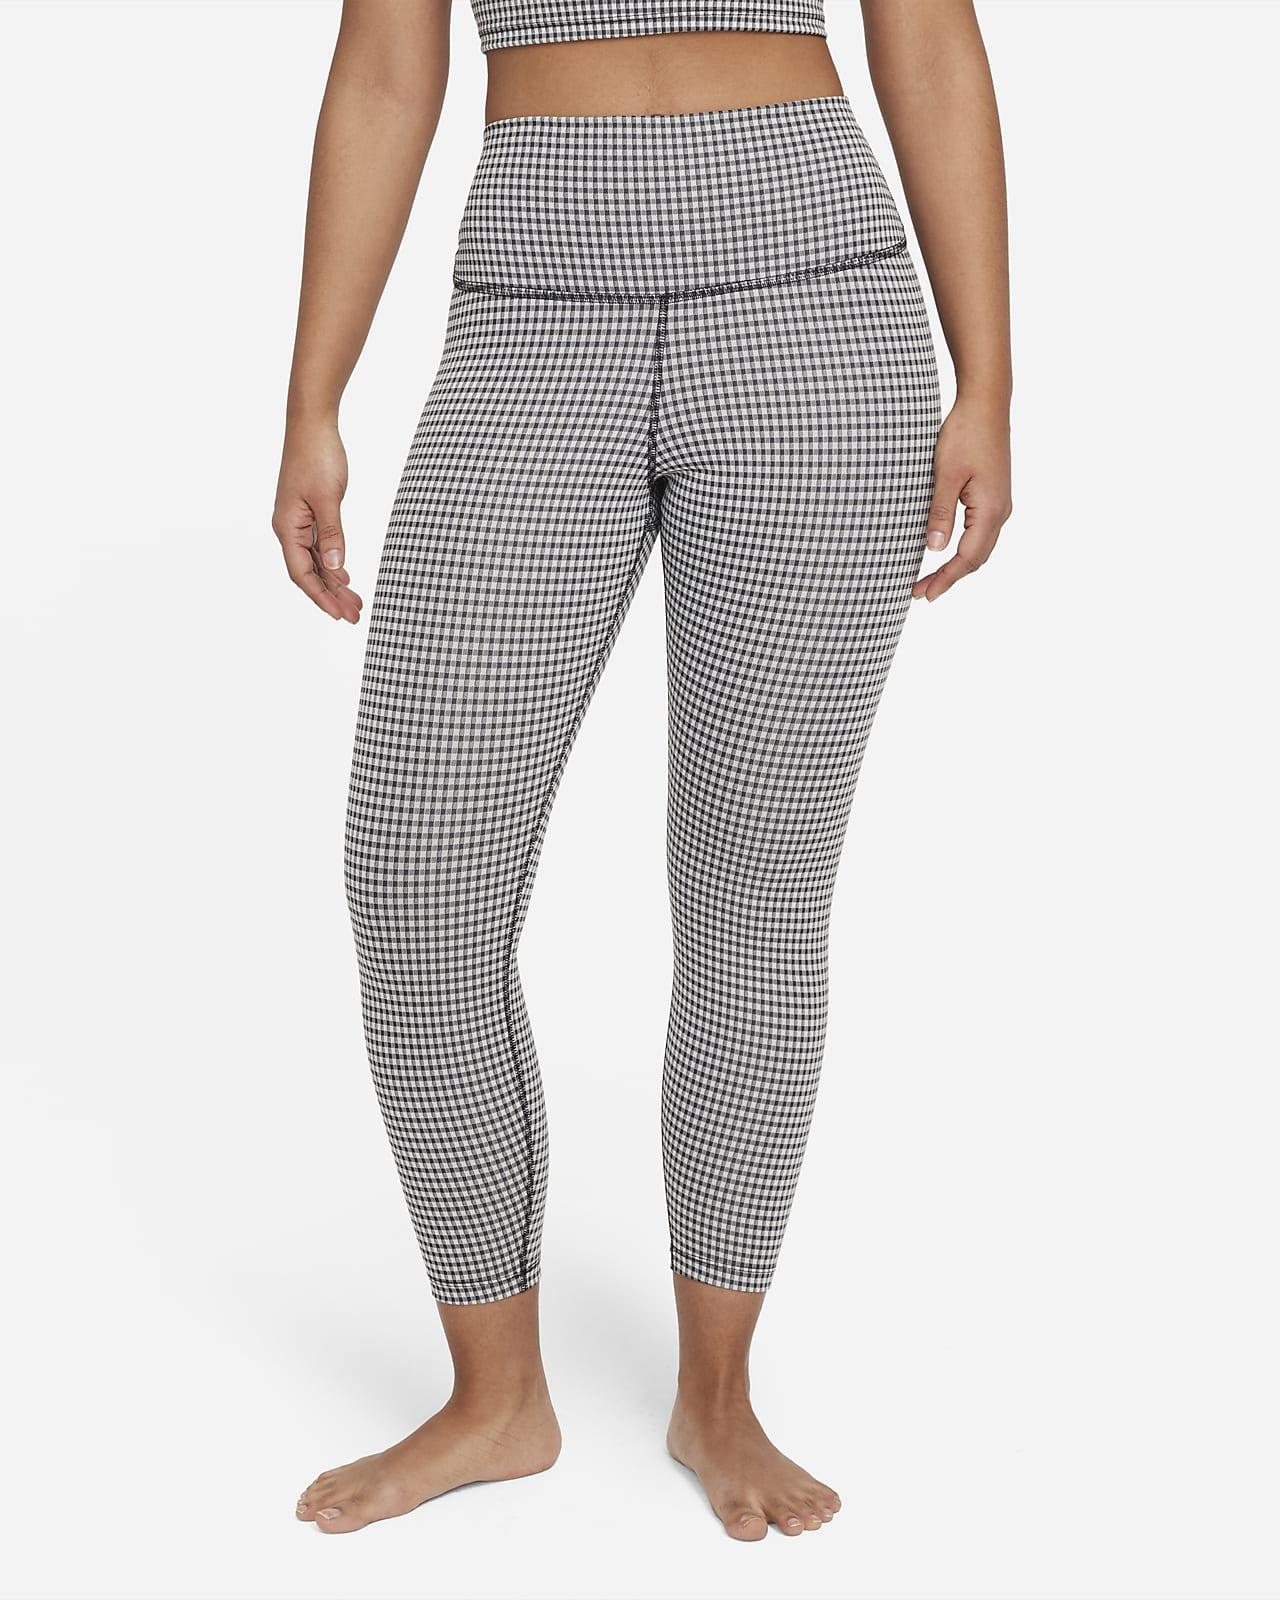 Korte Nike Yoga Gingham-leggings med høj talje til kvinder